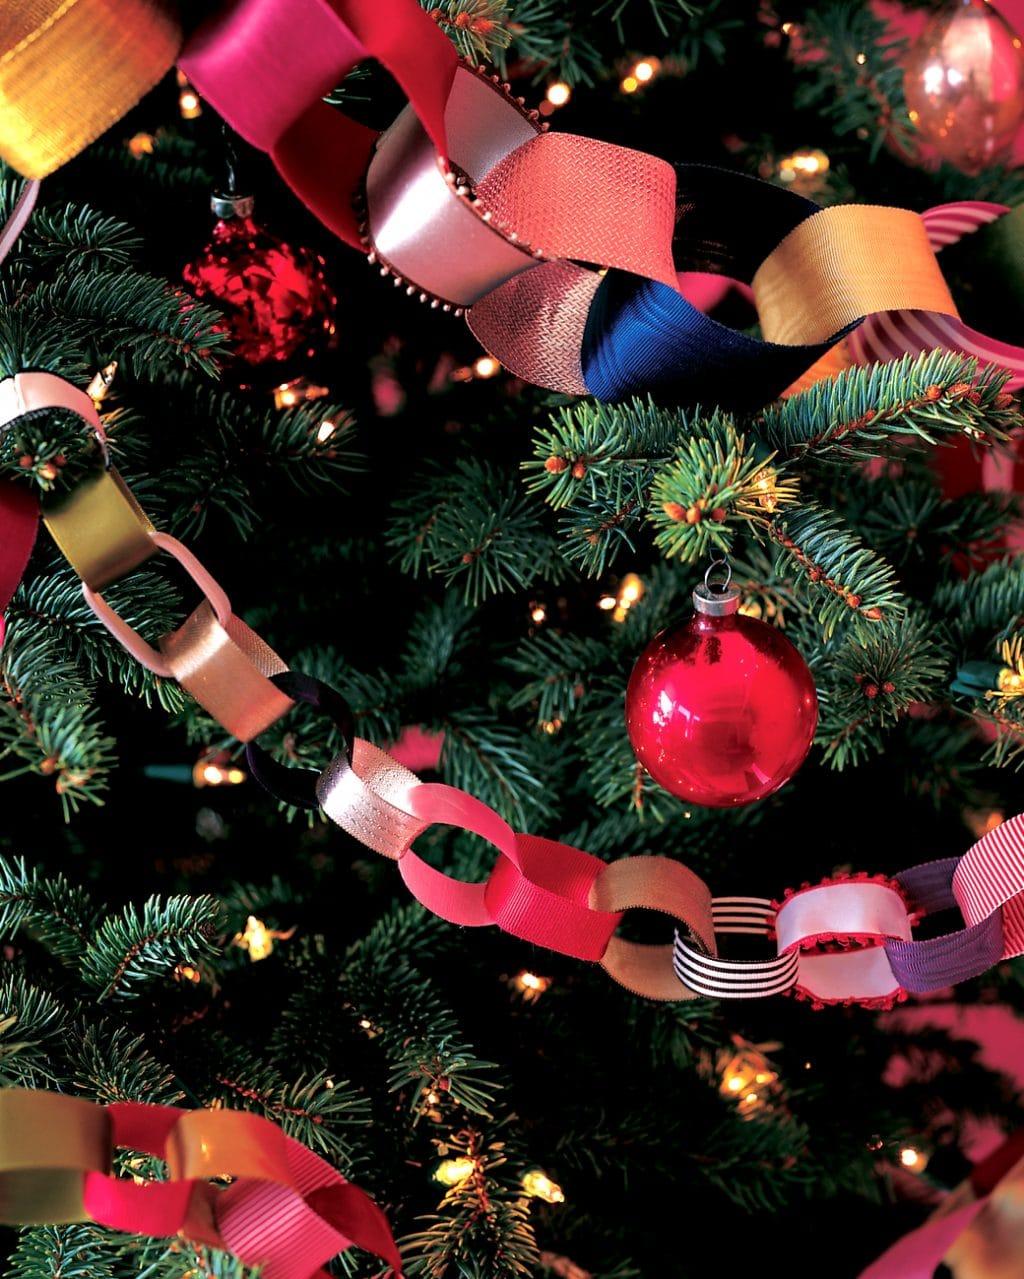 Сообщение цепочки для нового года